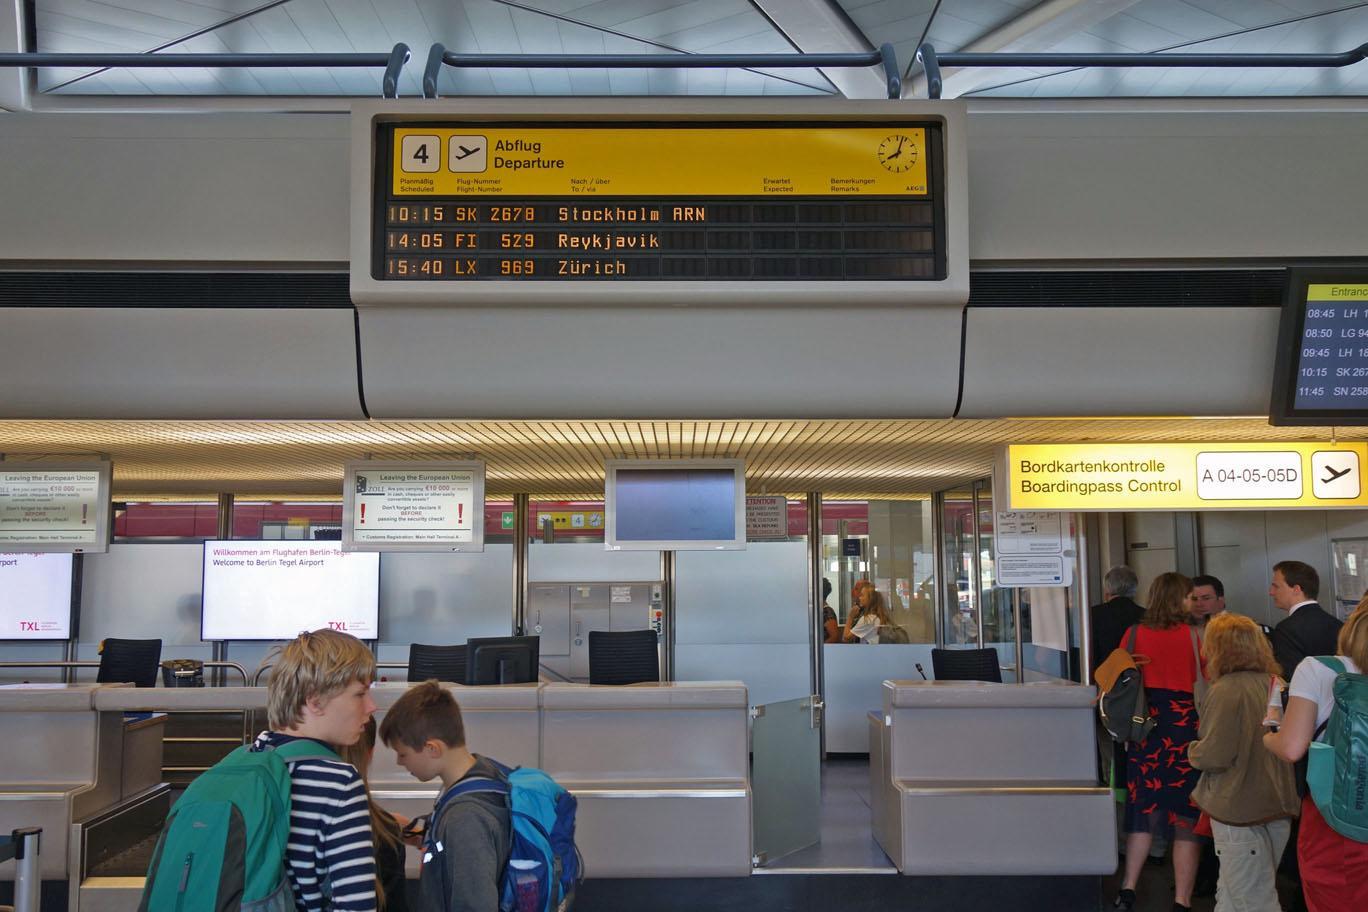 Обзор: Lufthansa Senator Lounge, Берлин (TXL)